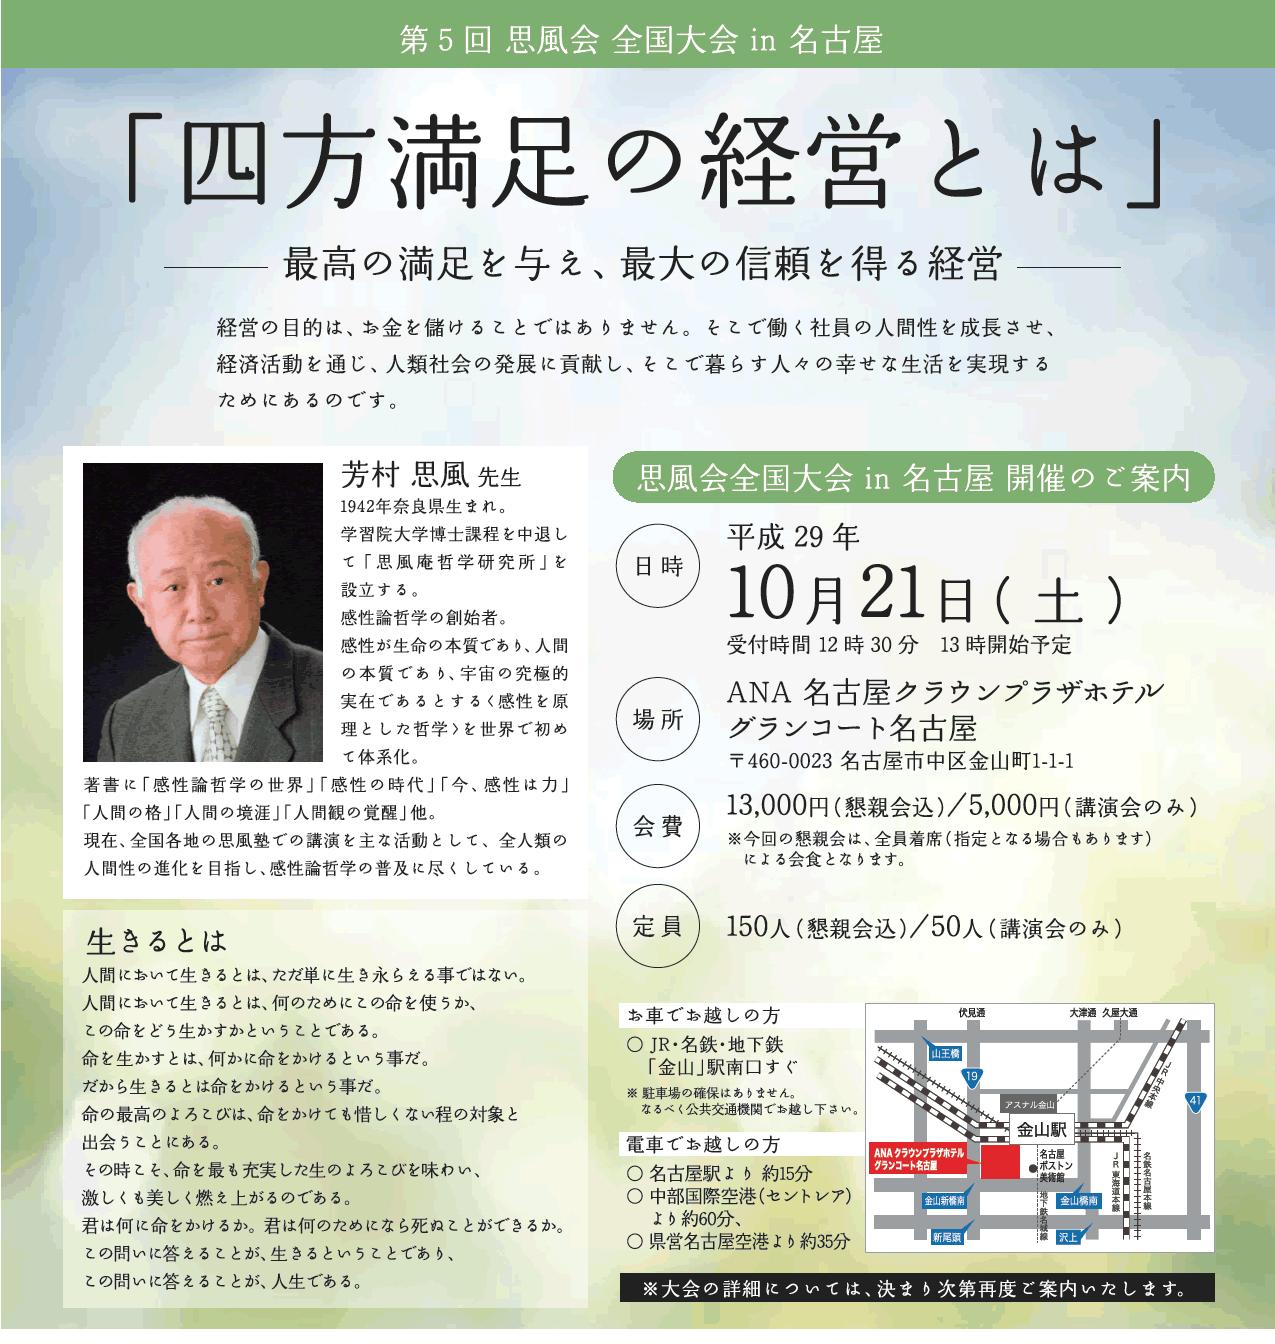 shifukainagioya - 第6回思風会全国大会は2018年10月27日東京で開催します。